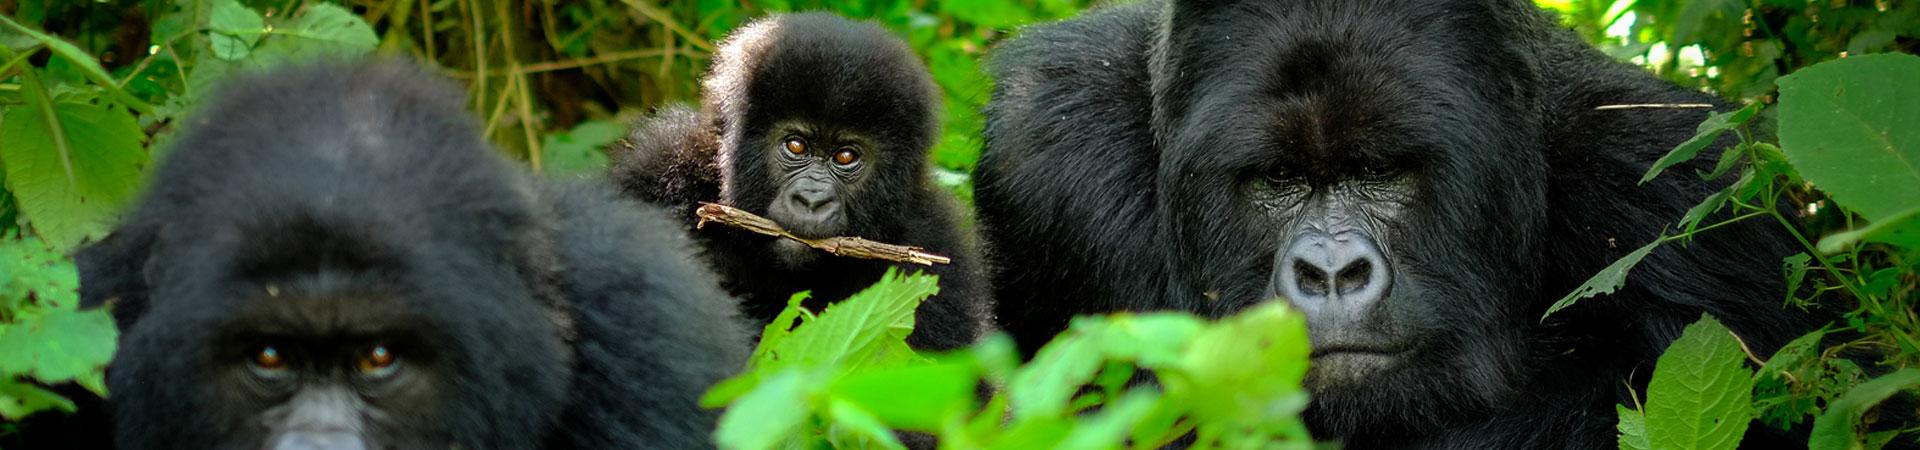 3-Day-Gorilla-Trekking-Uganda-Gorilla-Safaris